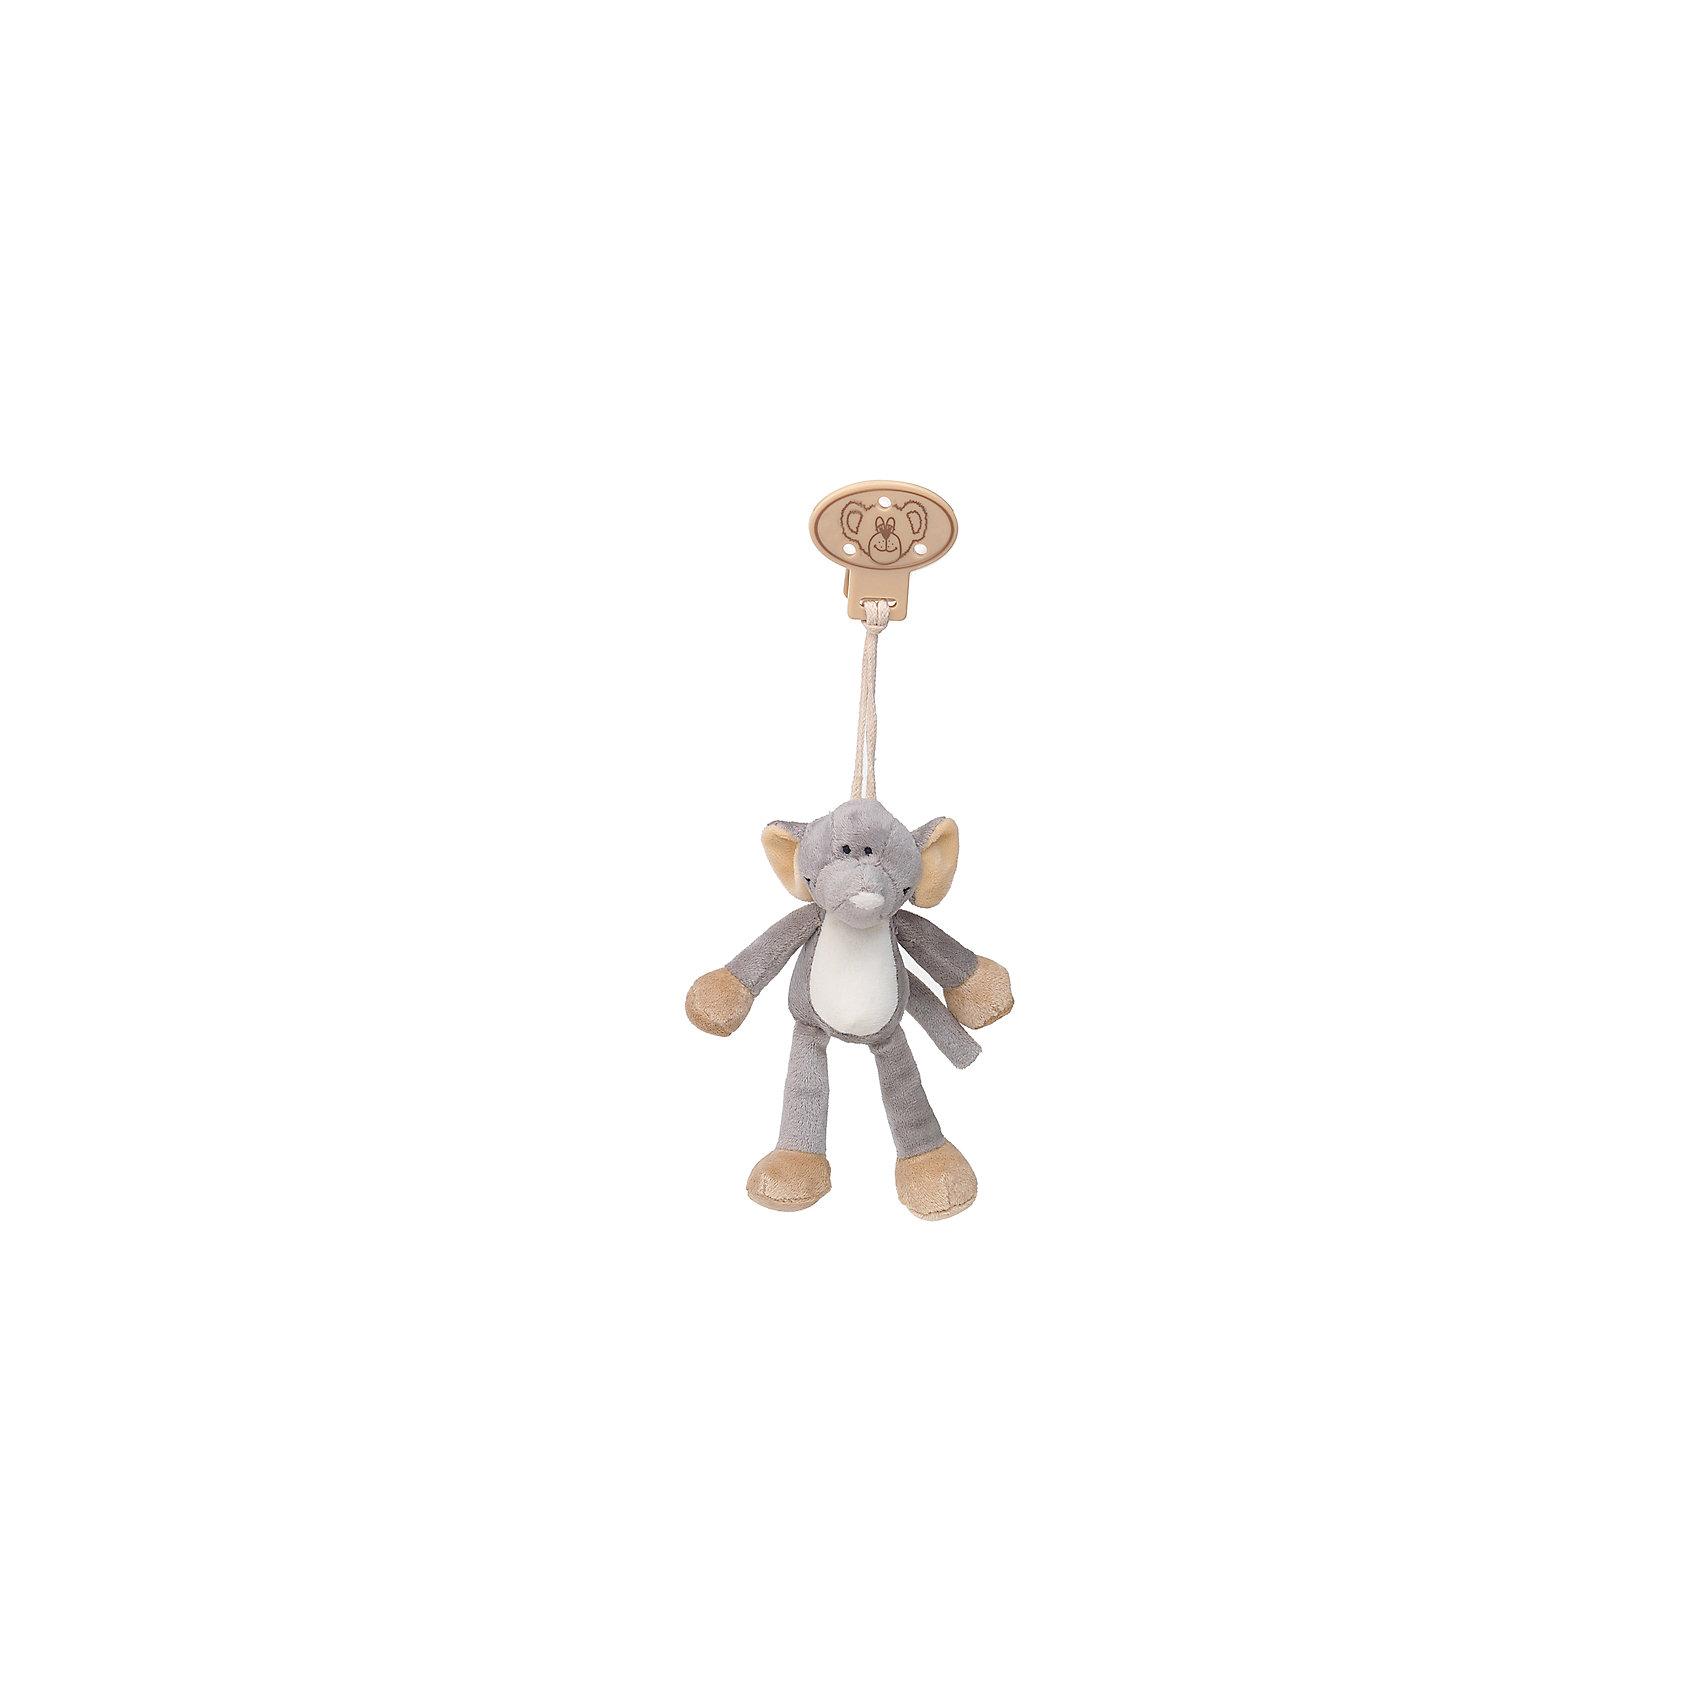 Клипса с игрушкой Слон, Динглисар, TeddykompanietПустышки и аксессуары<br>Клипса с игрушкой Слон, Динглисар, Teddykompaniet (Тэдди и компания) – дружелюбный слоненок развеселит малыша и не позволит ему скучать.<br>Клипса с мягкой игрушкой Слон от шведской компании Teddykompaniet очаровательна и неповторима. Милый слоненок станет первым другом вашего малыша и всегда будет рядом. С помощью надежной безопасной пластиковой клипсы игрушку можно прикрепить к кроватке, коляске, автокреслу и одежде или постельному белью. Игрушка изготовлена из мягкого безворсового велюра, грязе- и пылеотталкивающего, соответствует европейским и российским стандартам качества, что позволяет играть с ней детям, склонным к аллергии.<br><br>Дополнительная информация:<br><br>- Размер: 16 см.<br>- Материал: нежный безворсовый велюр, пластик<br>- Уход: ручная стирка<br><br>Клипсу с игрушкой Слон, Динглисар, Teddykompaniet (Тэдди и компания) можно купить в нашем интернет-магазине.<br><br>Ширина мм: 50<br>Глубина мм: 100<br>Высота мм: 100<br>Вес г: 180<br>Возраст от месяцев: 0<br>Возраст до месяцев: 12<br>Пол: Унисекс<br>Возраст: Детский<br>SKU: 4902220